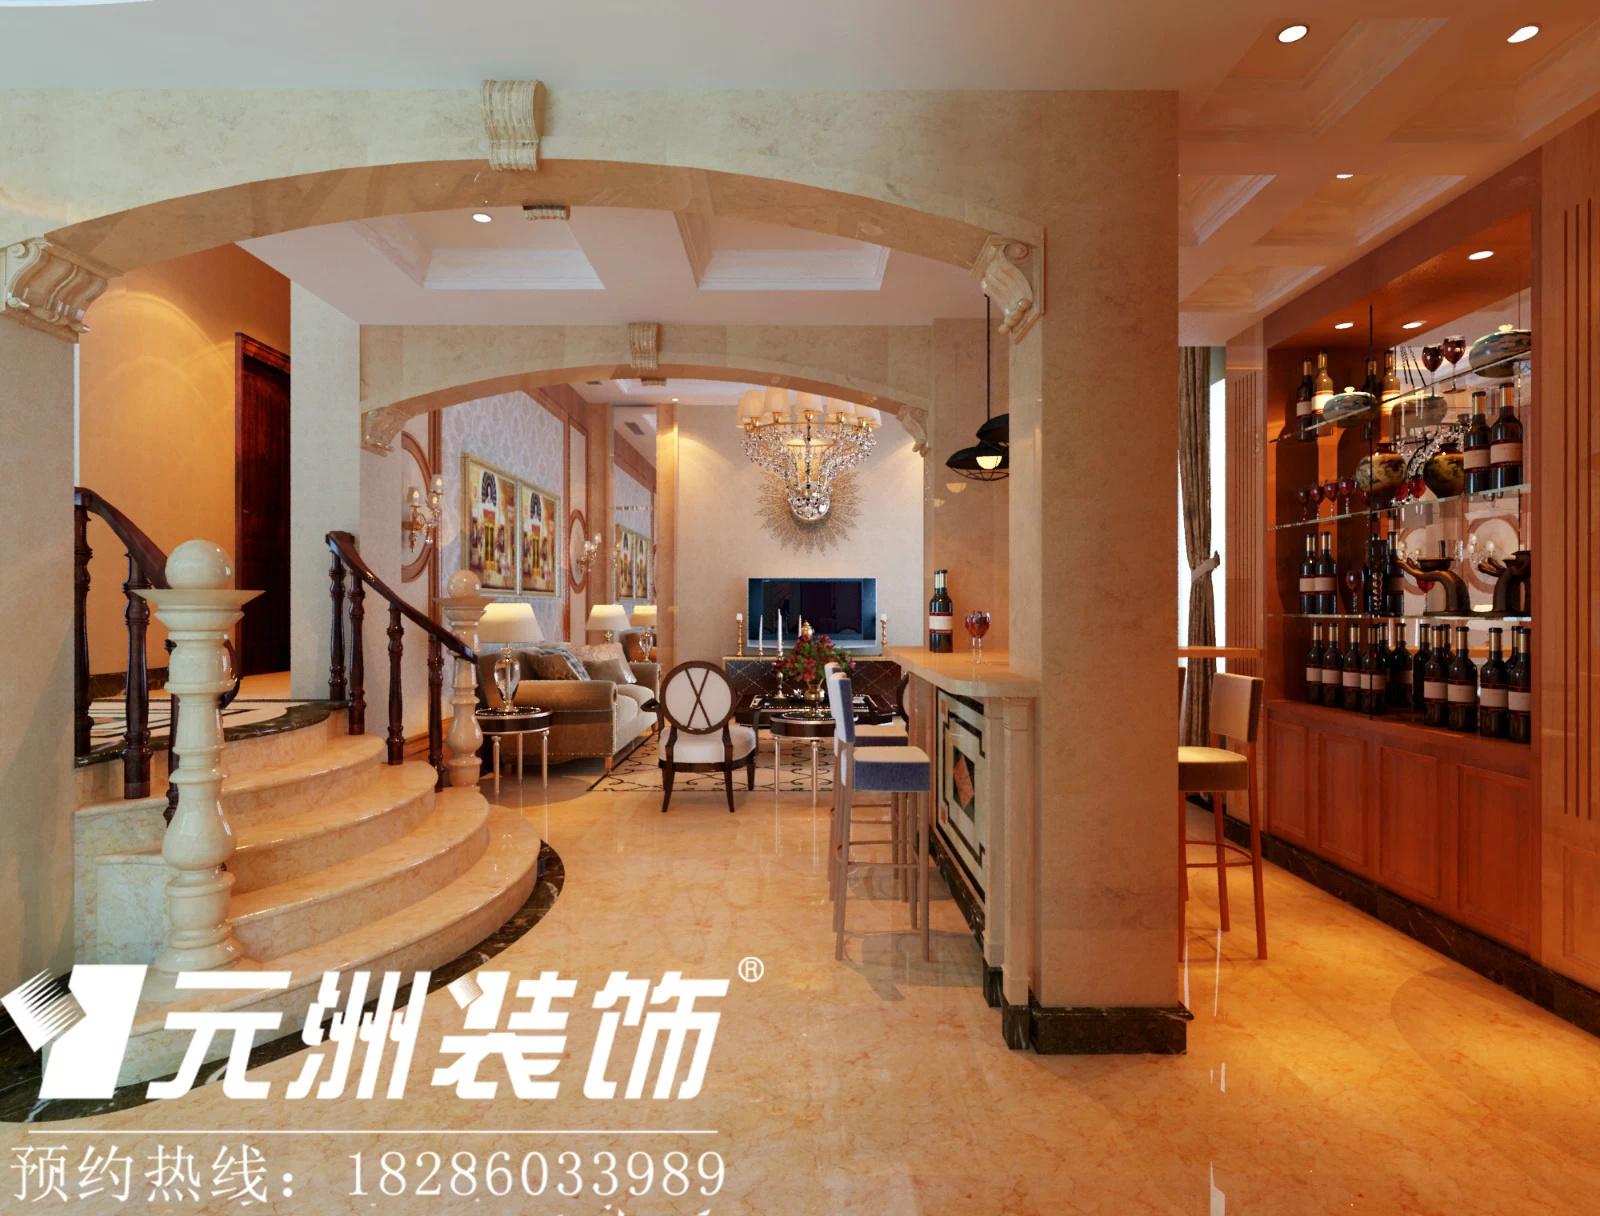 贵阳金华世家586平米独栋别墅欧式风格装修设计案例